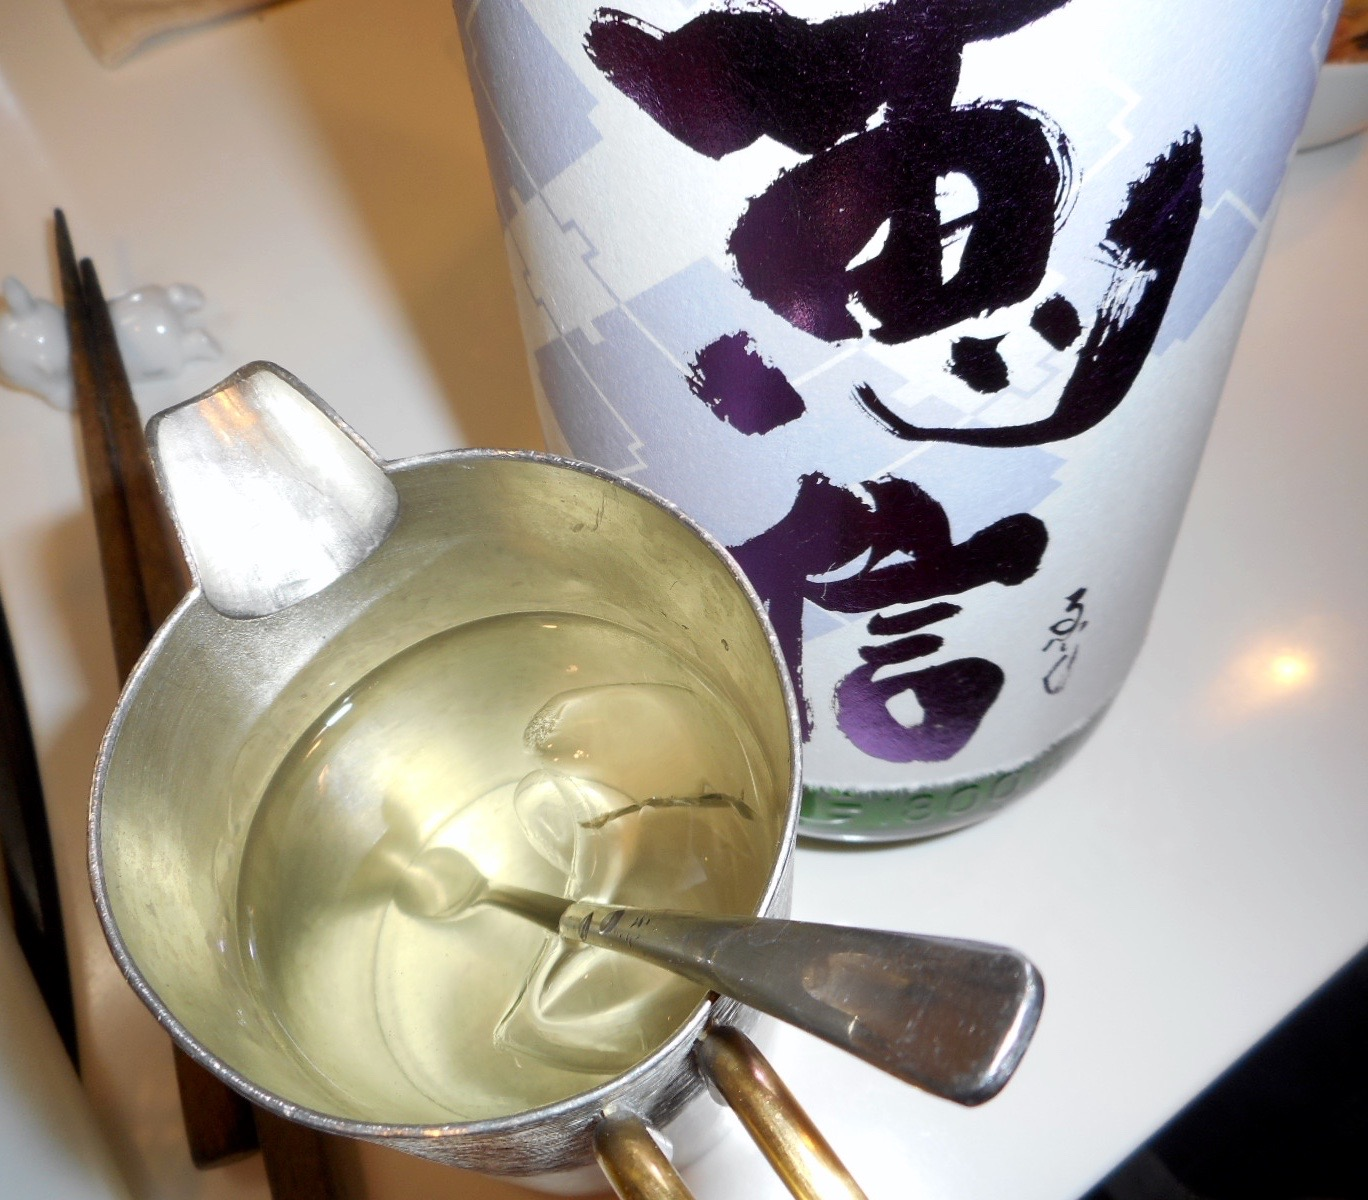 eishin_yamahai_jundai27by17.jpg